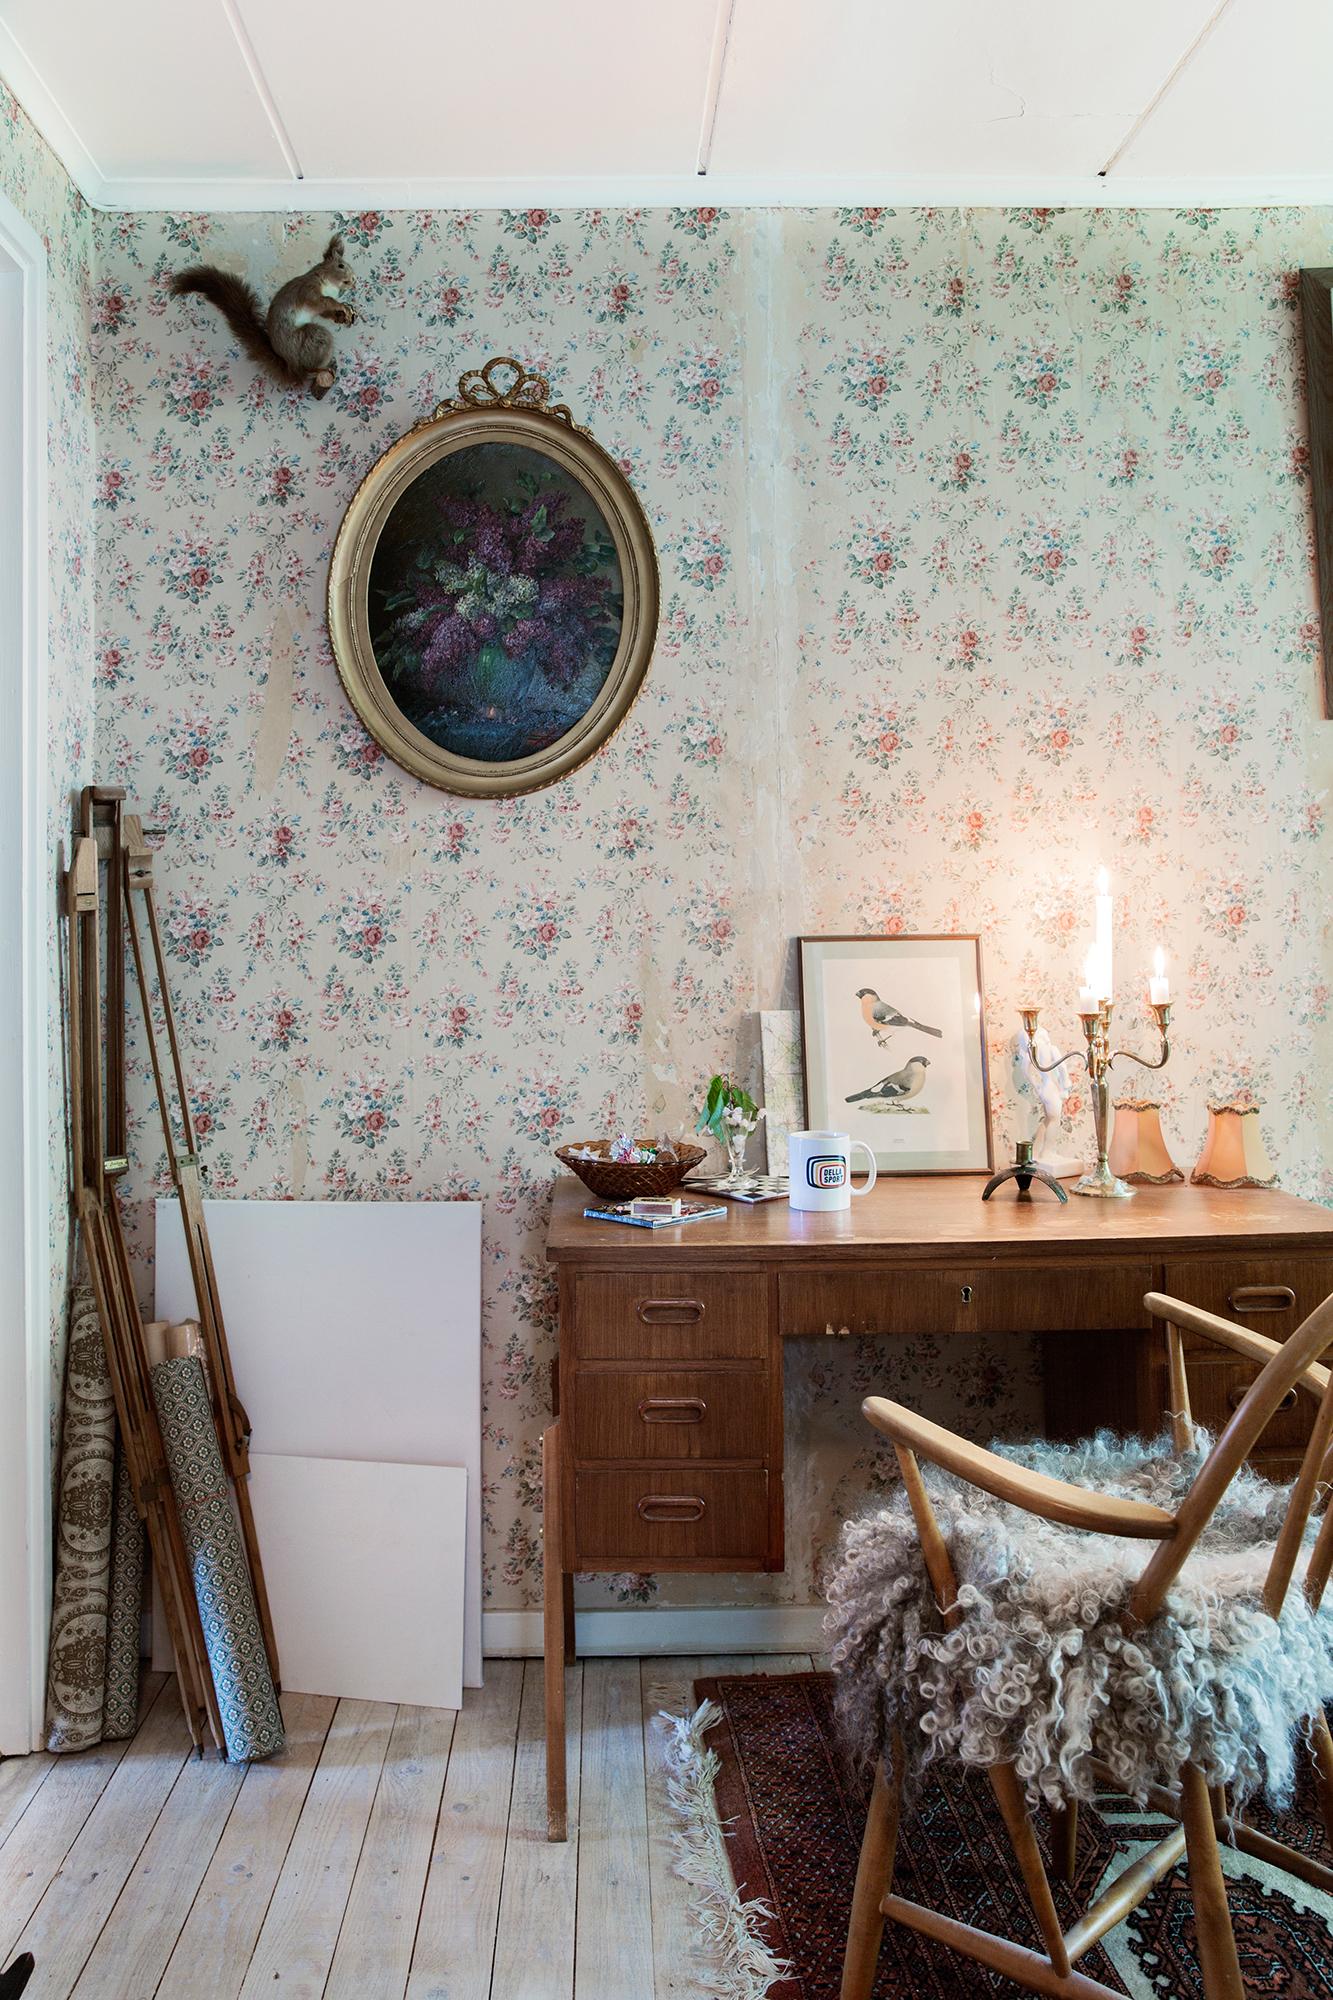 Johan och Rina har även varsitt litet rum på övervåningen, där de kan arbeta, uppdatera bloggen Lismejeri.blogg.se eller ägna sig åt att lösa Palmemordet.